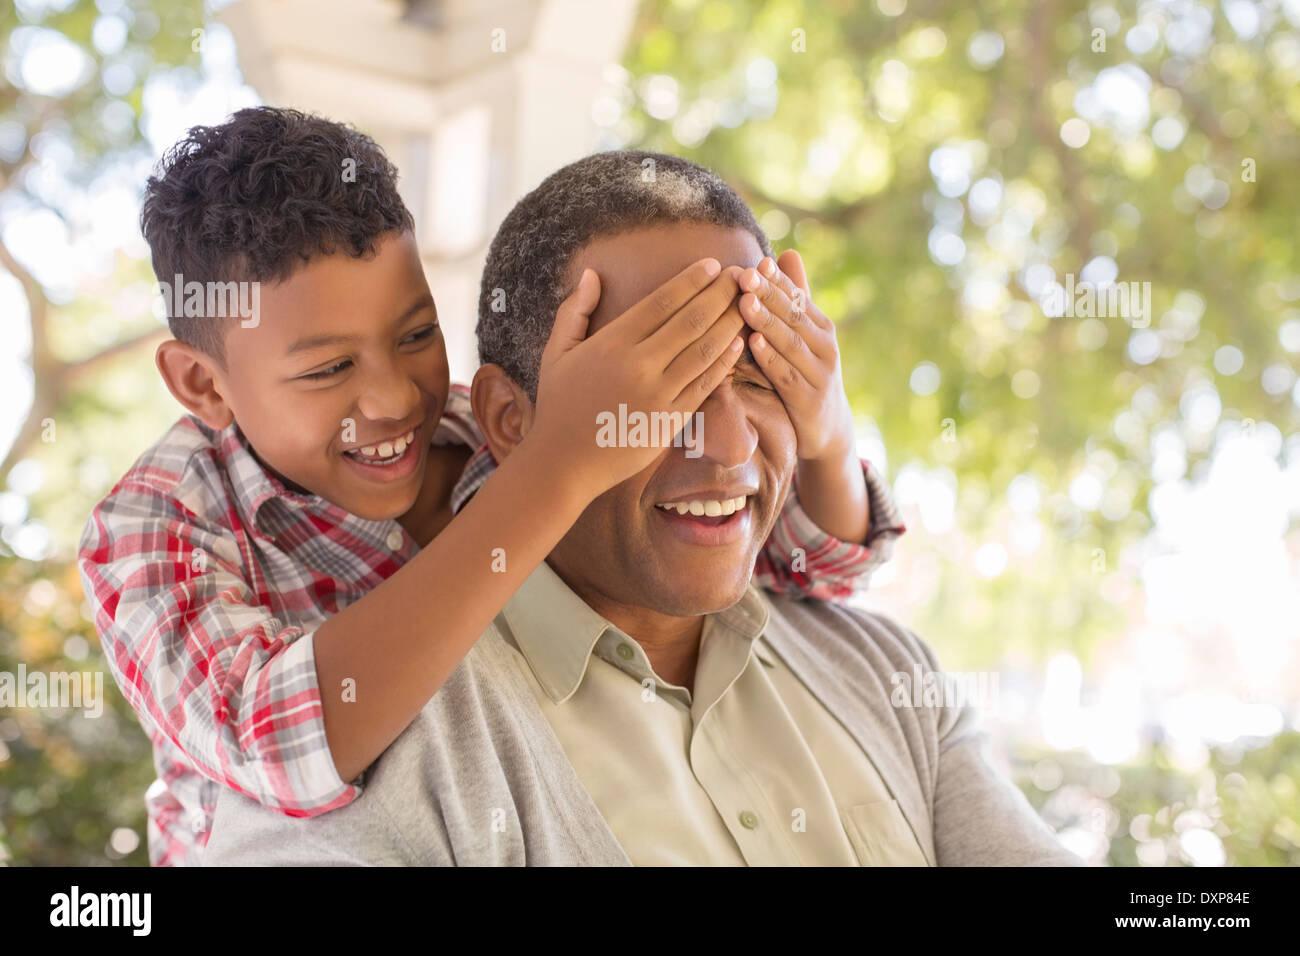 Petit-fils d'étonnant Grand-père le porche Photo Stock